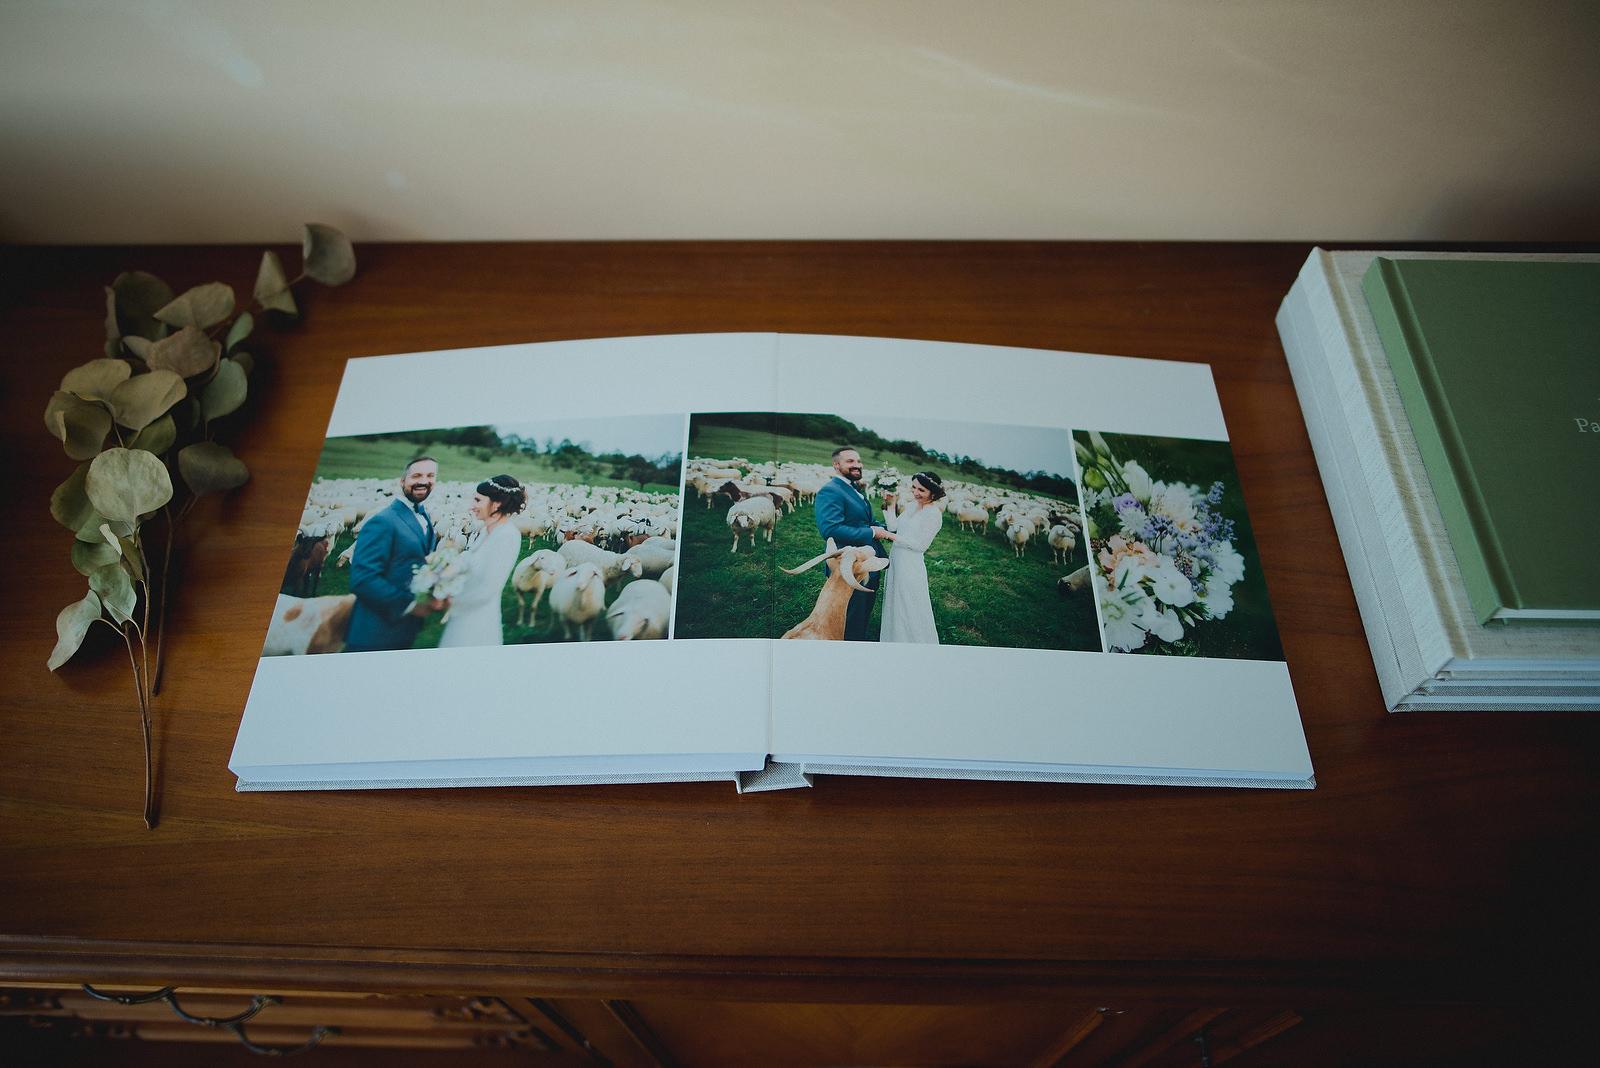 Fotograf Konstanz - Fine Art Hochzeitsalbum Album Fotoalbum EFP 19 - Wedding Albums  - 43 -